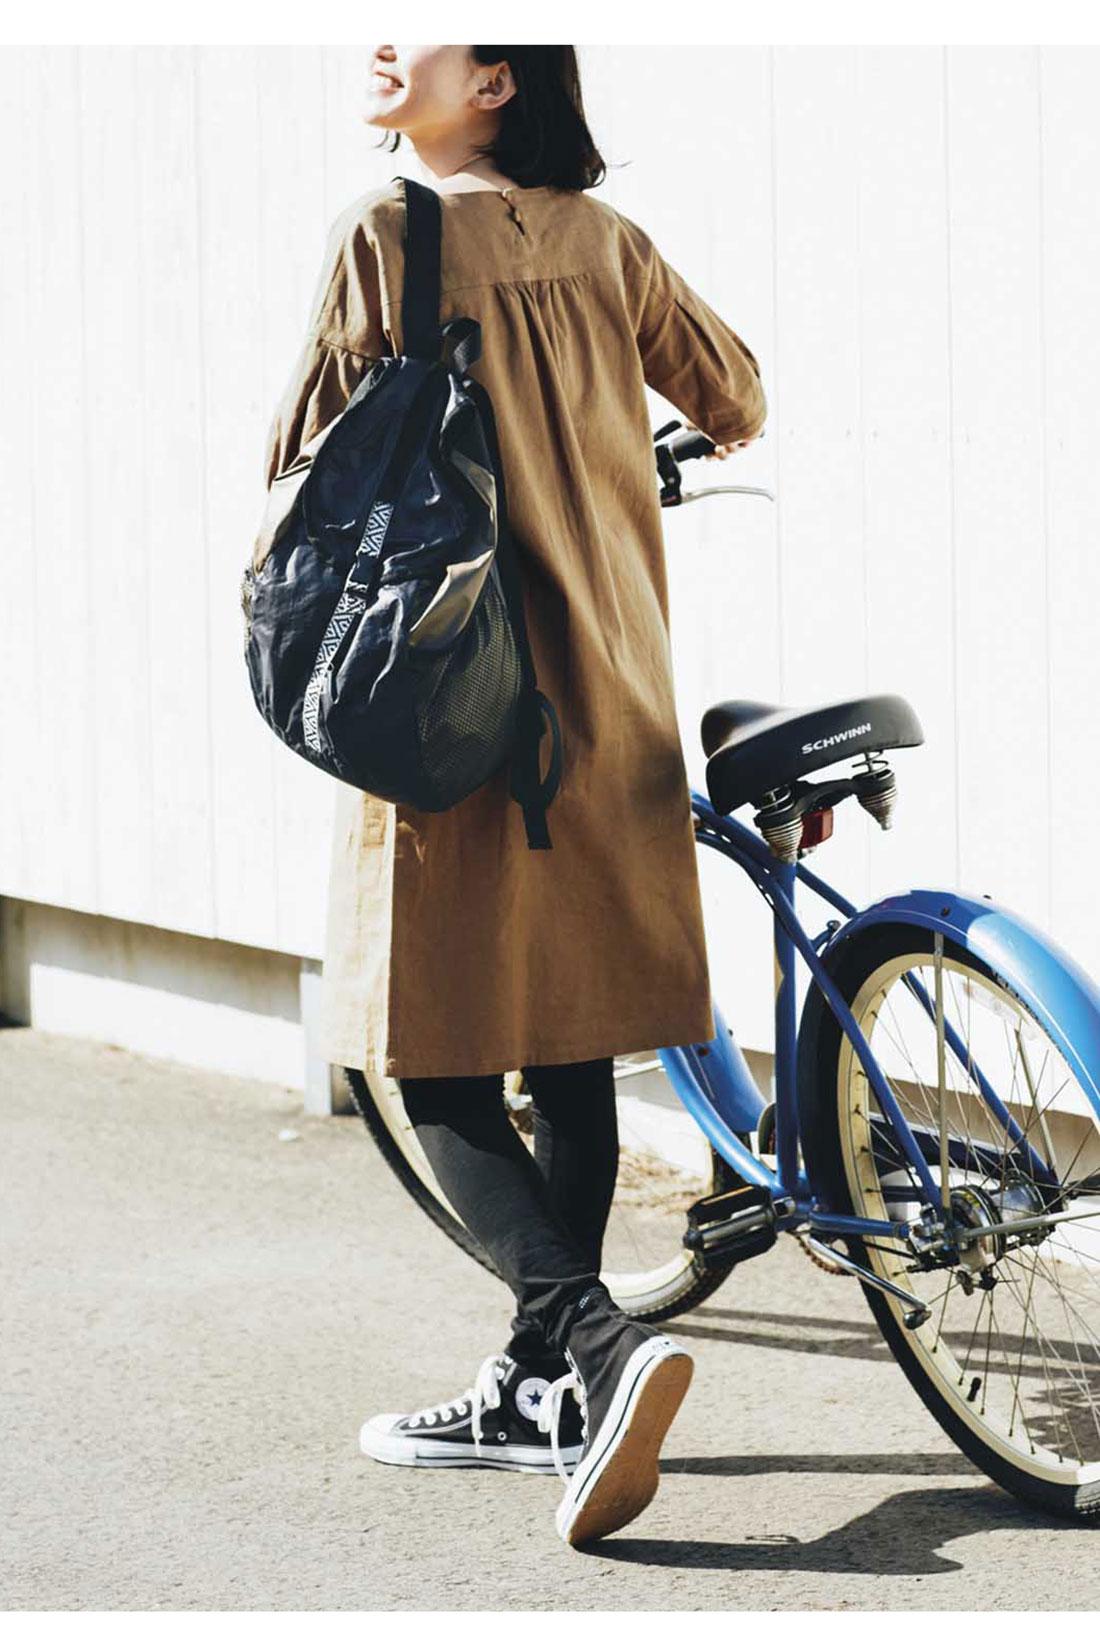 リュックは自転車にも便利。荷物が増えたとき用のサブバッグとして、たたんで持ち歩いても。 ※着用イメージです。お届けするカラーとは異なります。